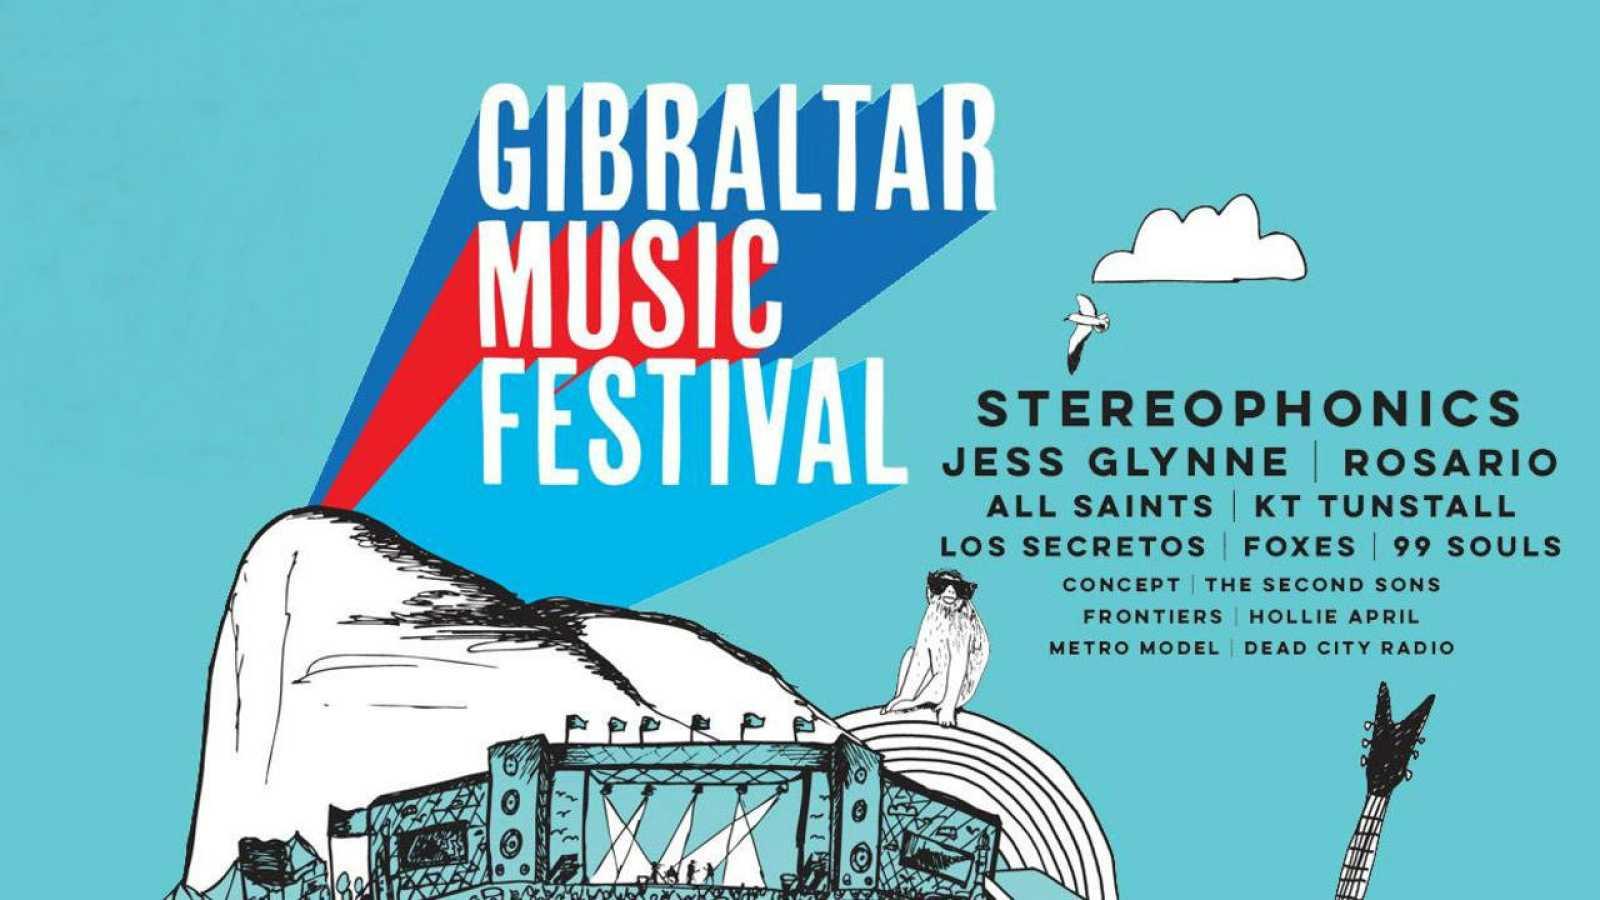 El verano de festivales se alarga durante el primer fin de semana de septiembre en el Gibraltar Music Festival